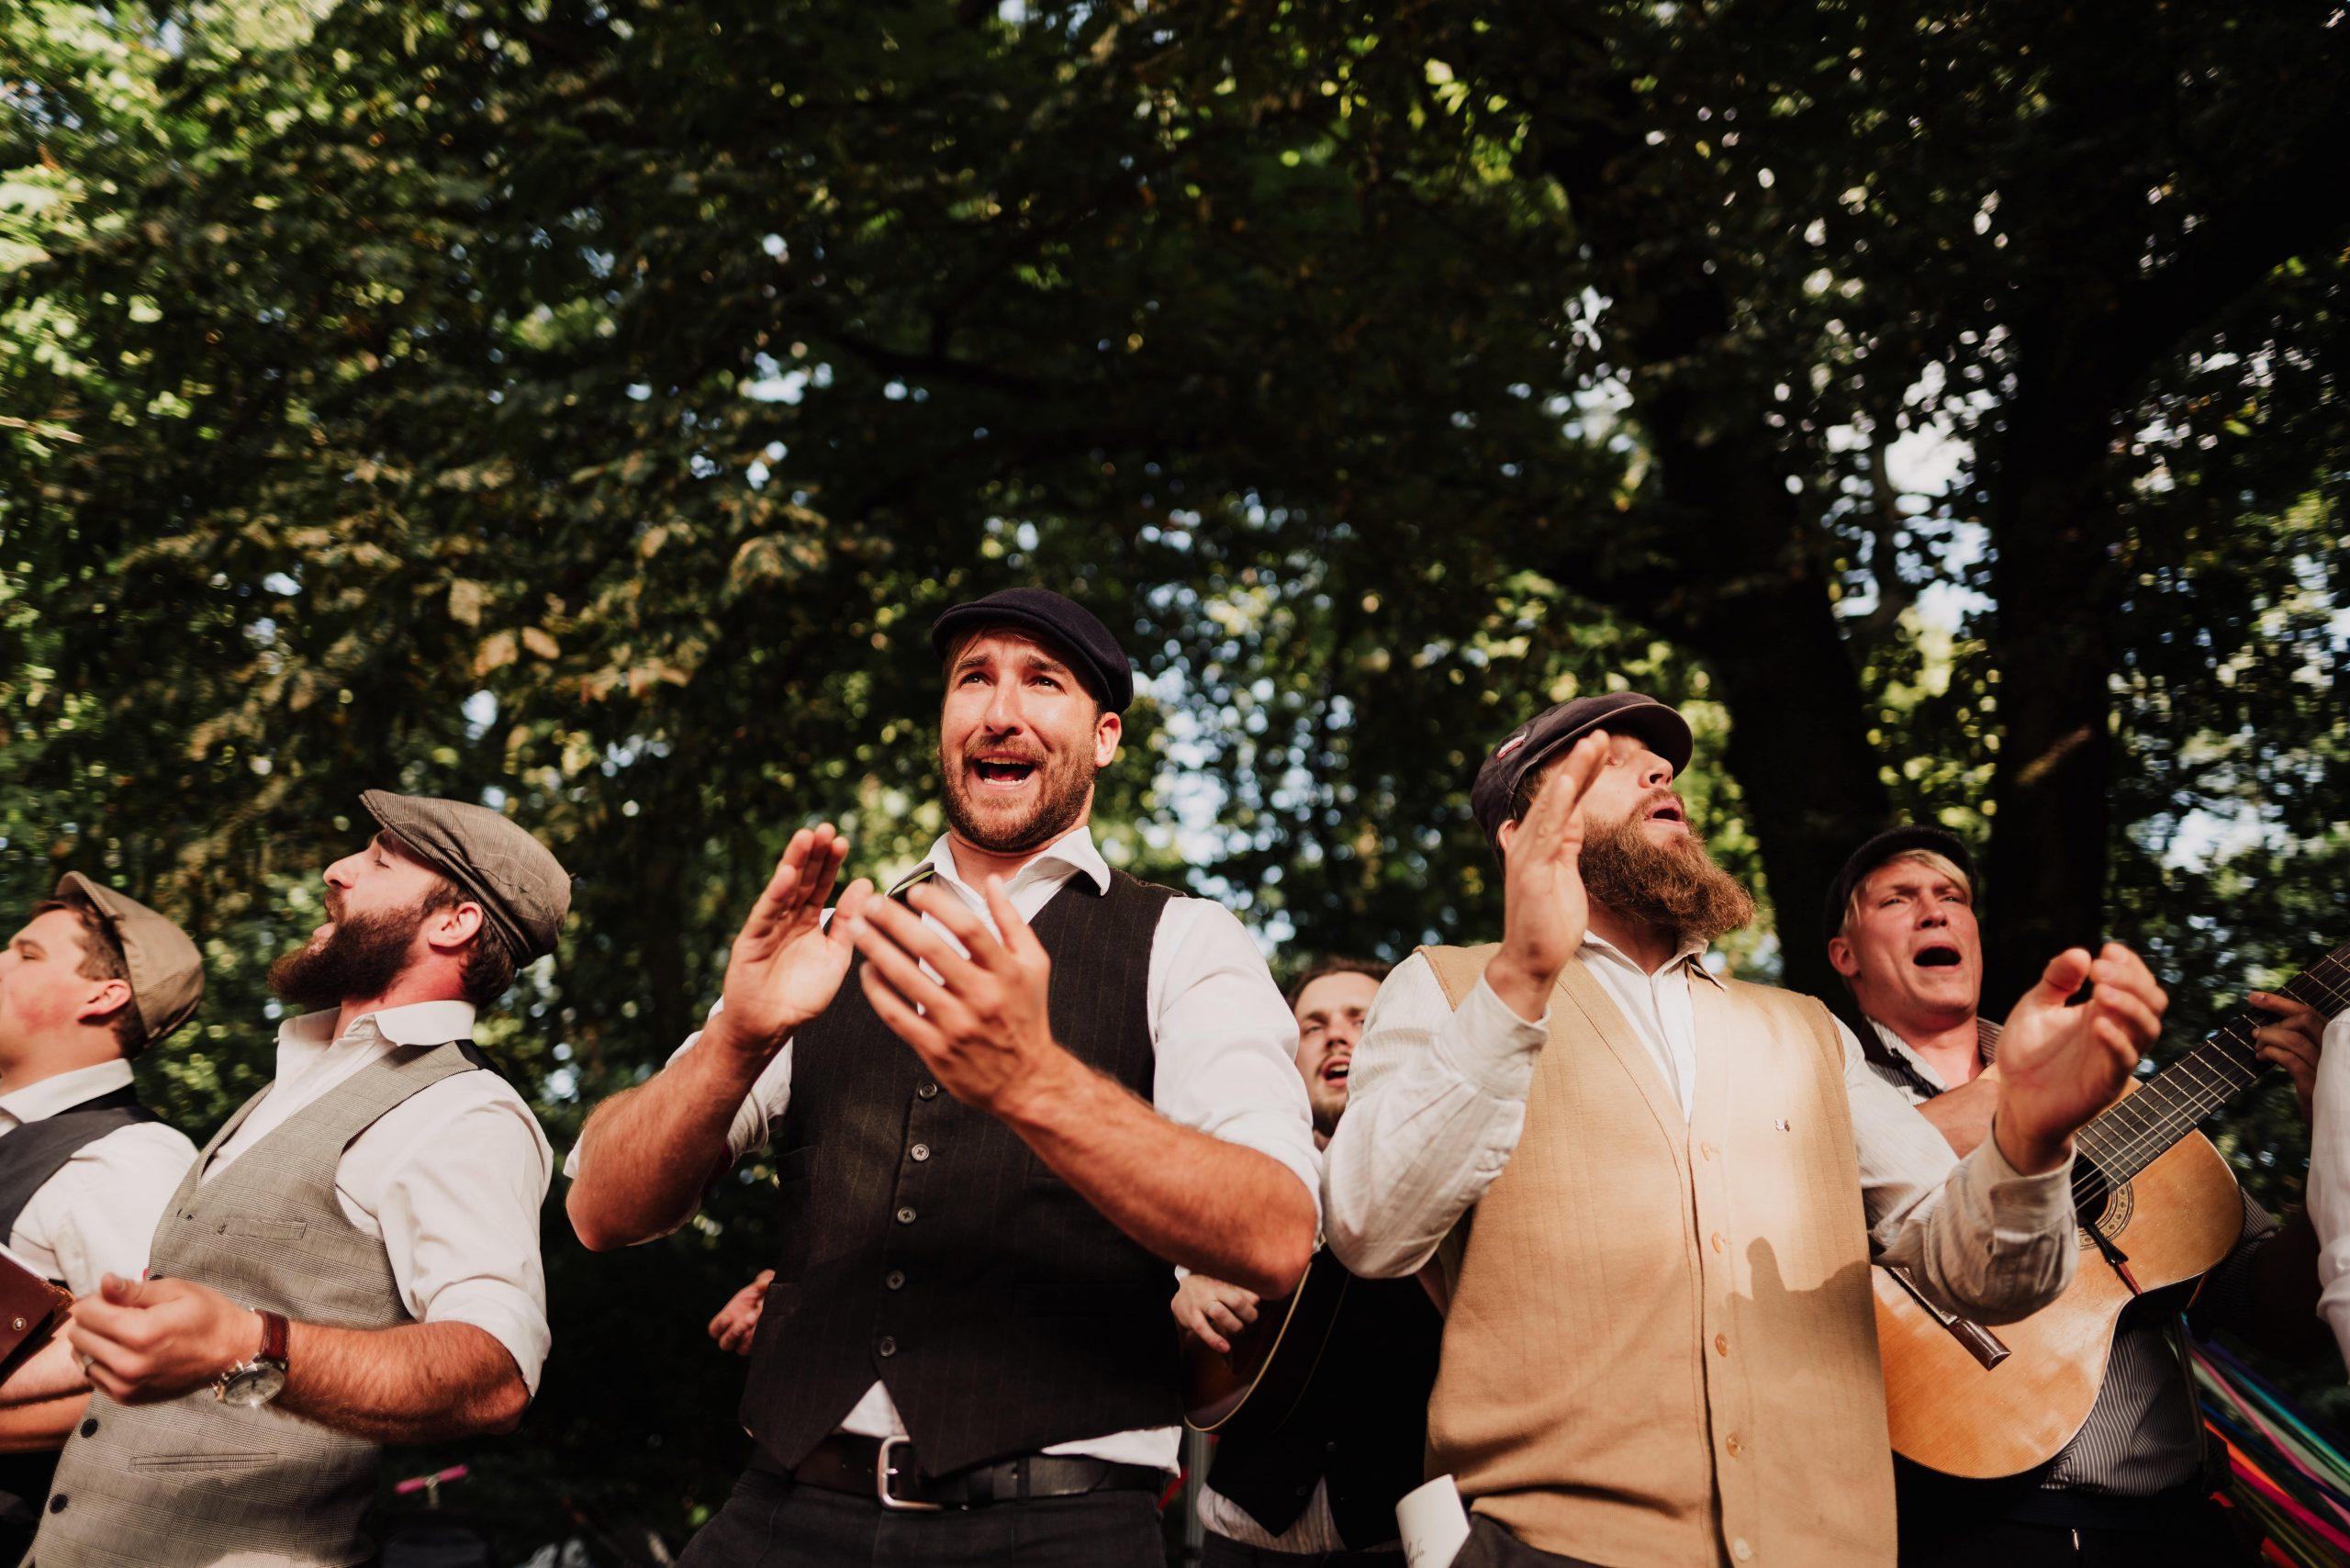 Na zdjęciu widać sześciu młodych mężczyzn, ubranych w białe koszule i kamizelki. Dwóch z nich gra na gitarze, pozostali klaszczą, wszyscy śpiewają. W tle widoczne są drzewa.